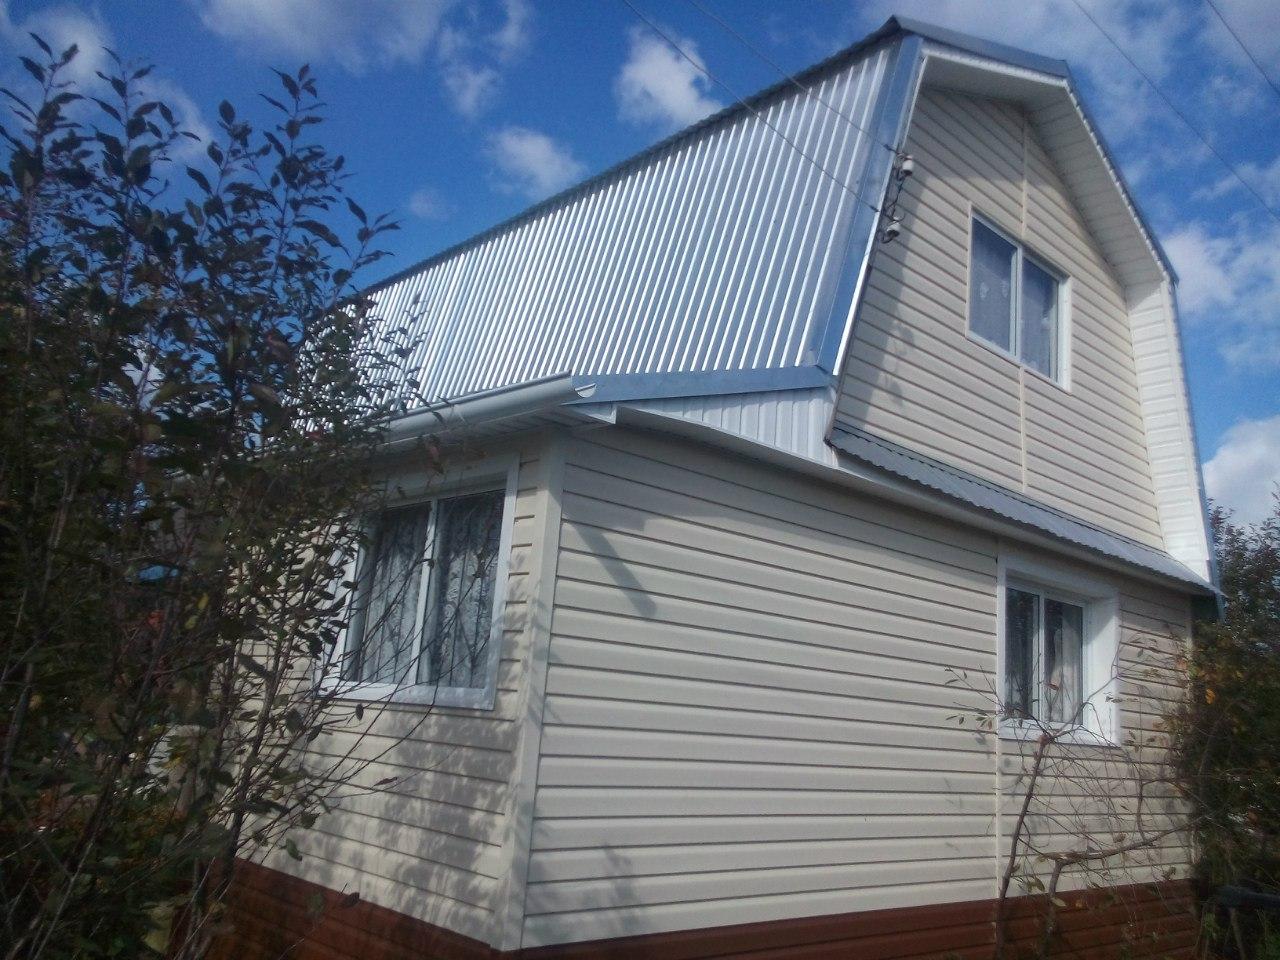 Строительная компания Ижевск строительная компания унисто петросталь Ижевск